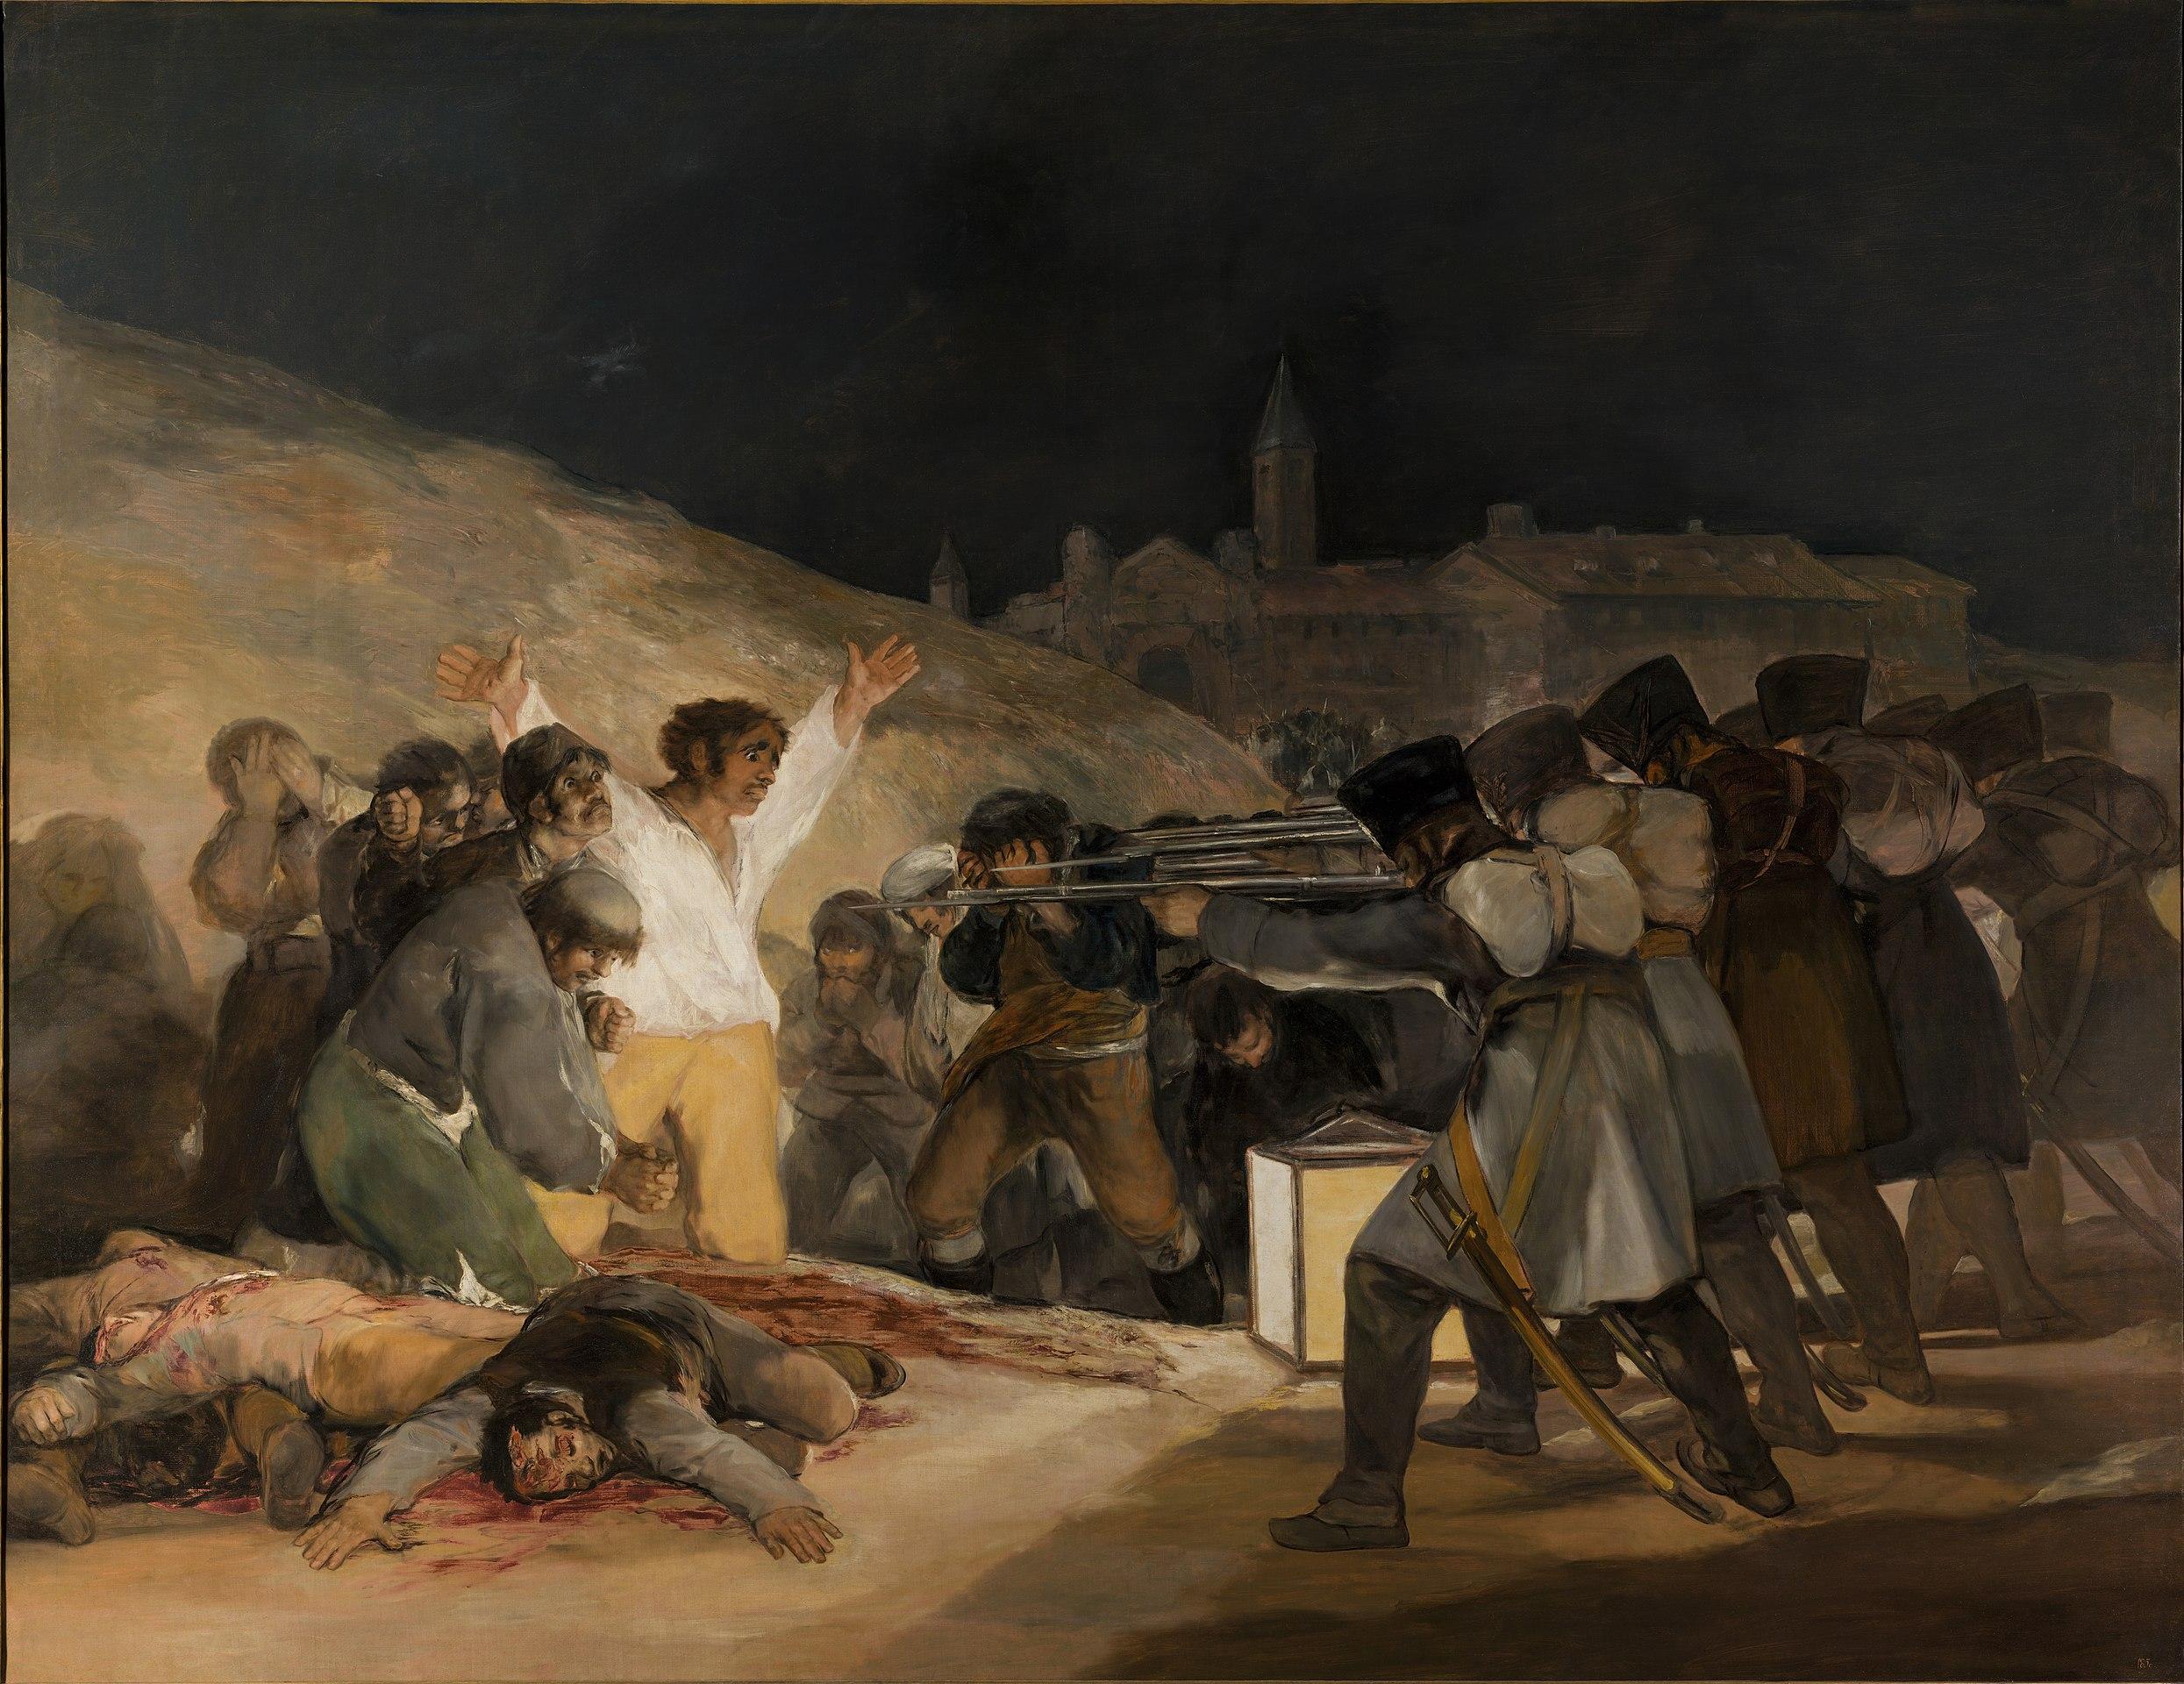 マドリード、1808年5月3日(1814年、プラド美術館所属) フランシスコ・デ・ゴヤ Wikipediaより